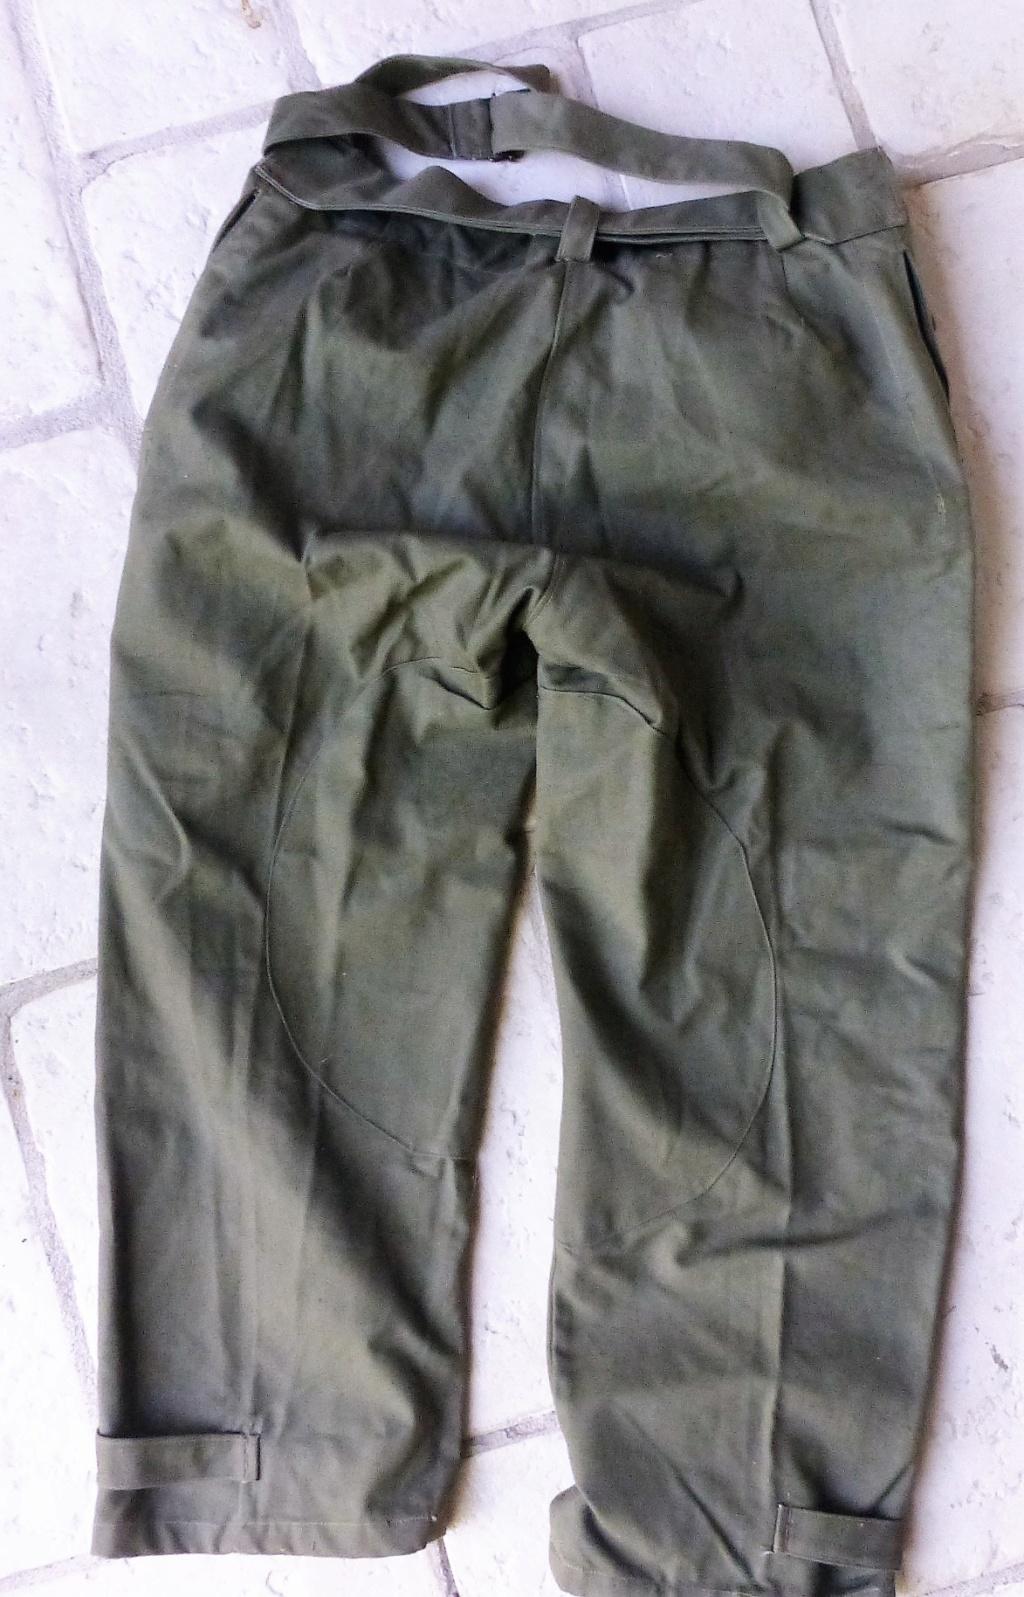 pantalon salopette mod 38 et insigne équipes nationales P1080314